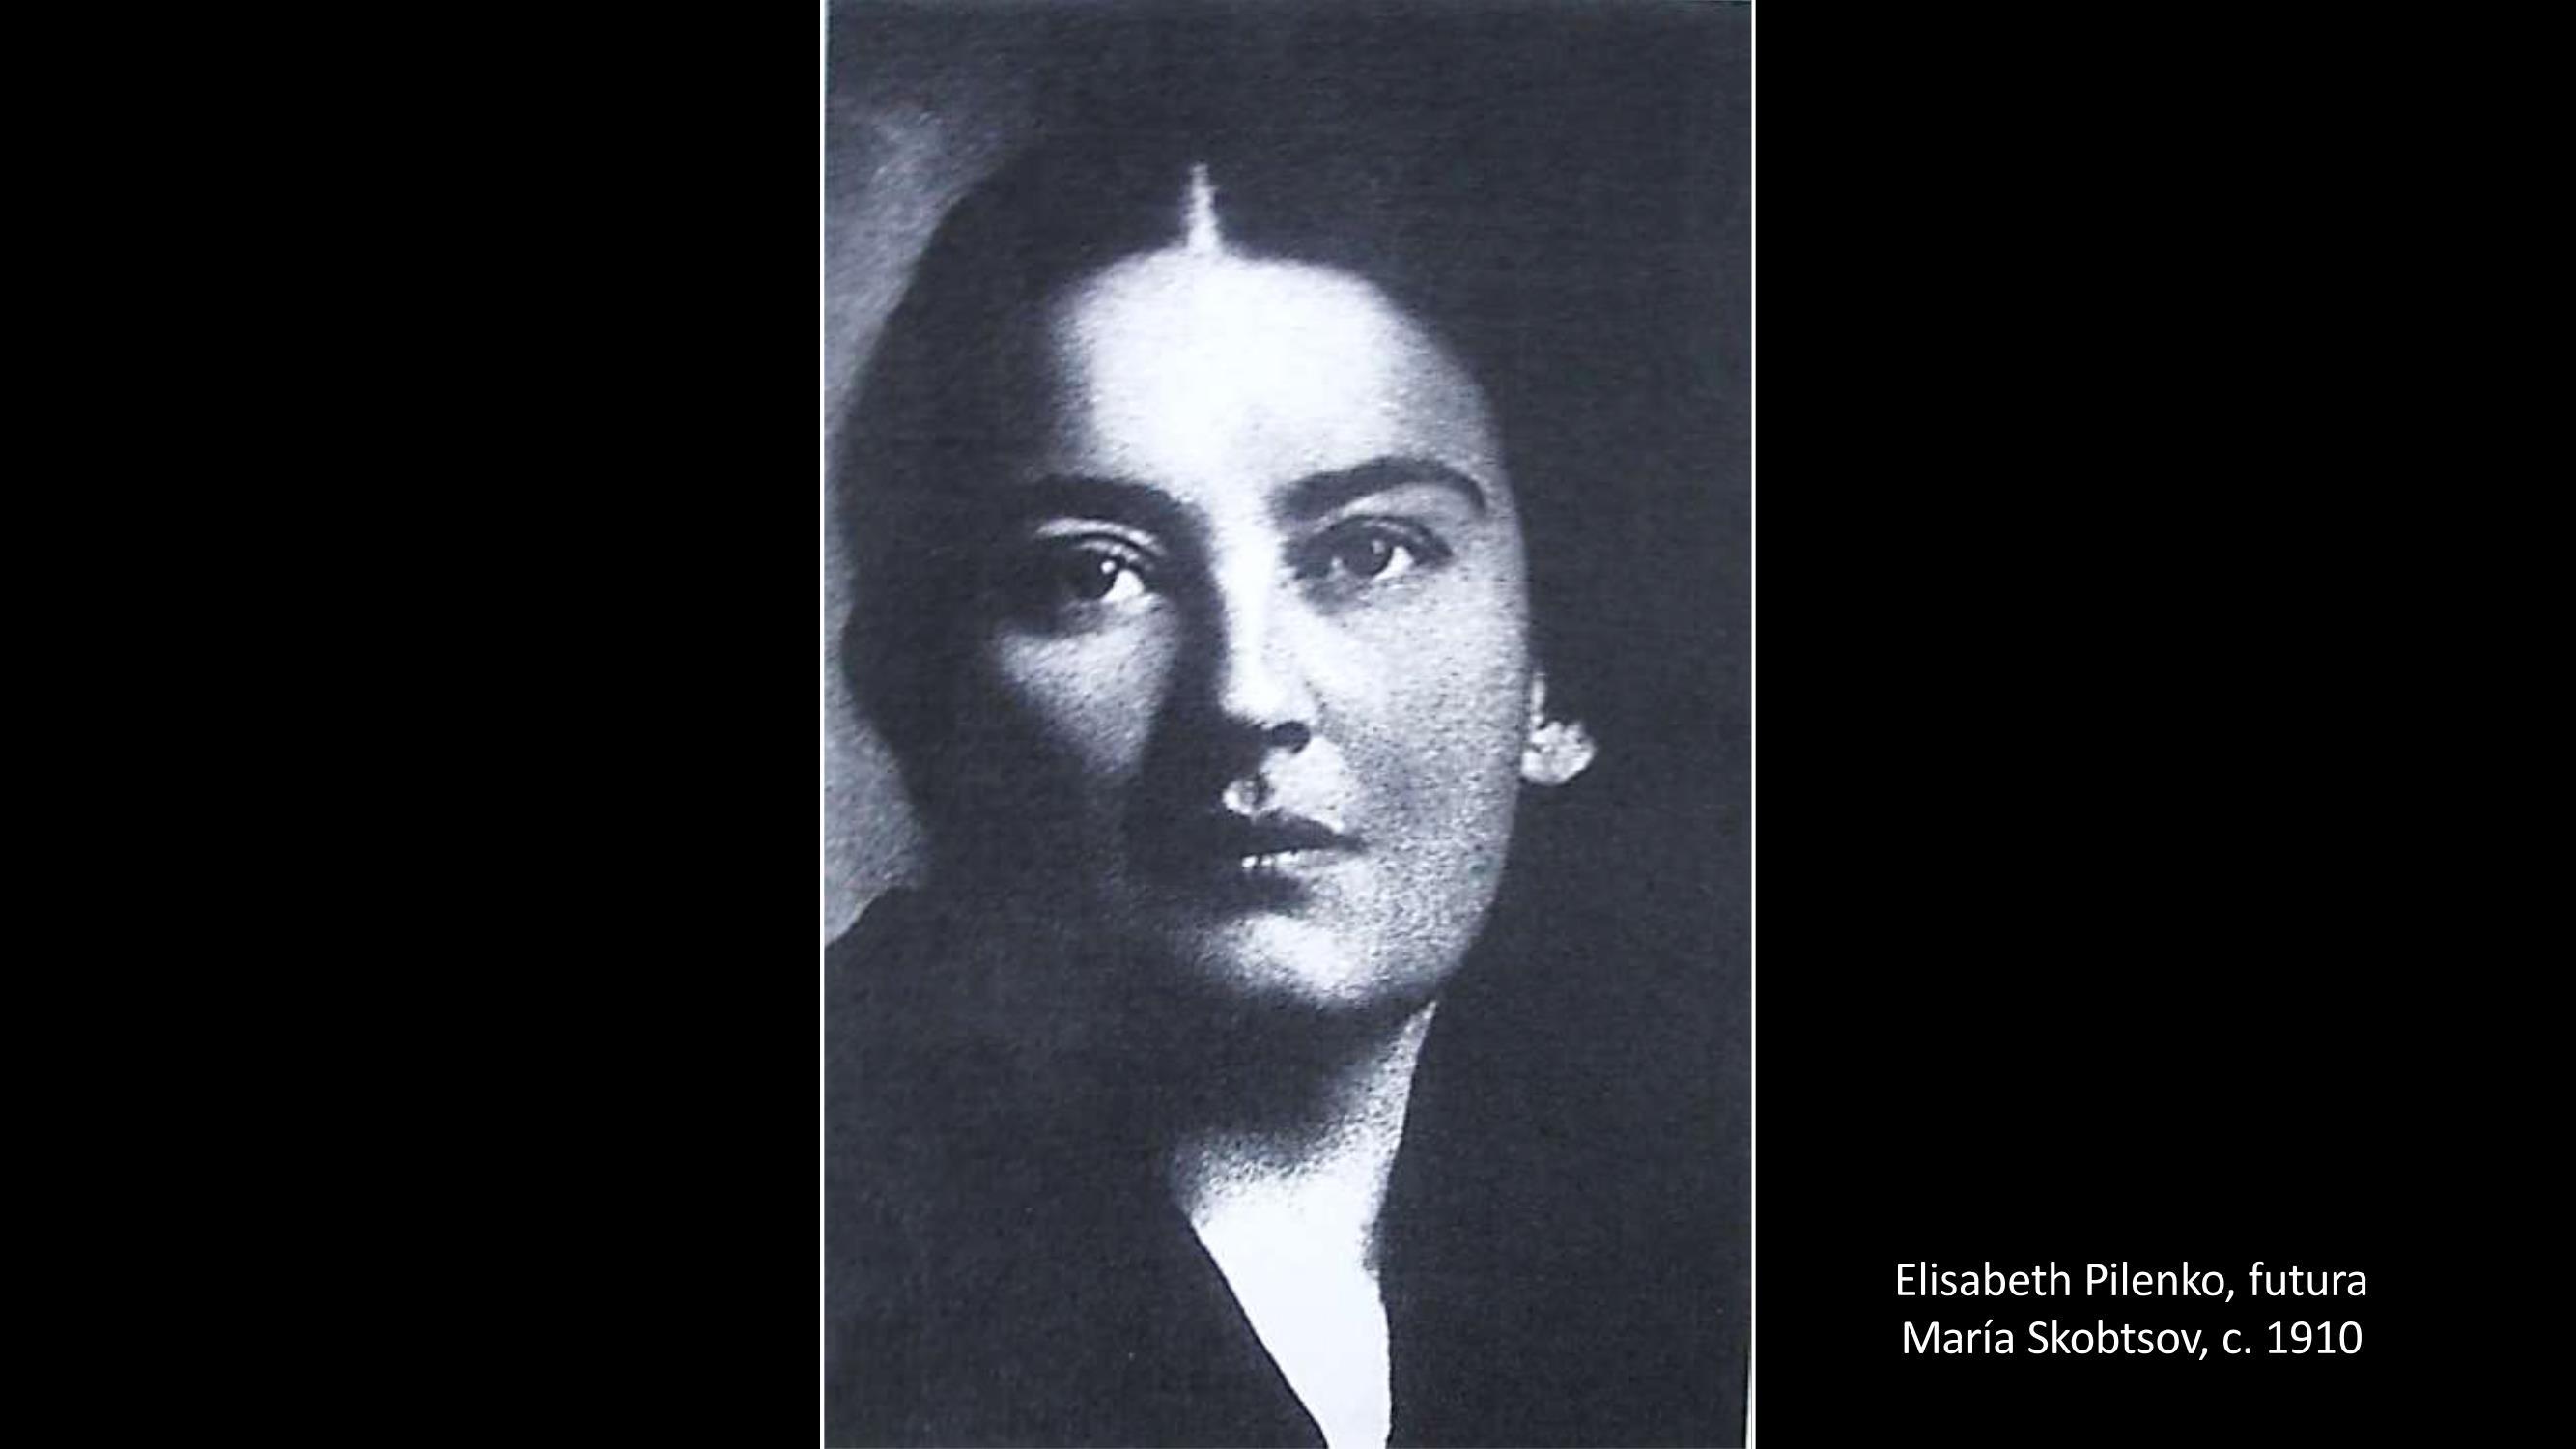 [18] Elisabeth Pilenko, futura Maria Skobtsov